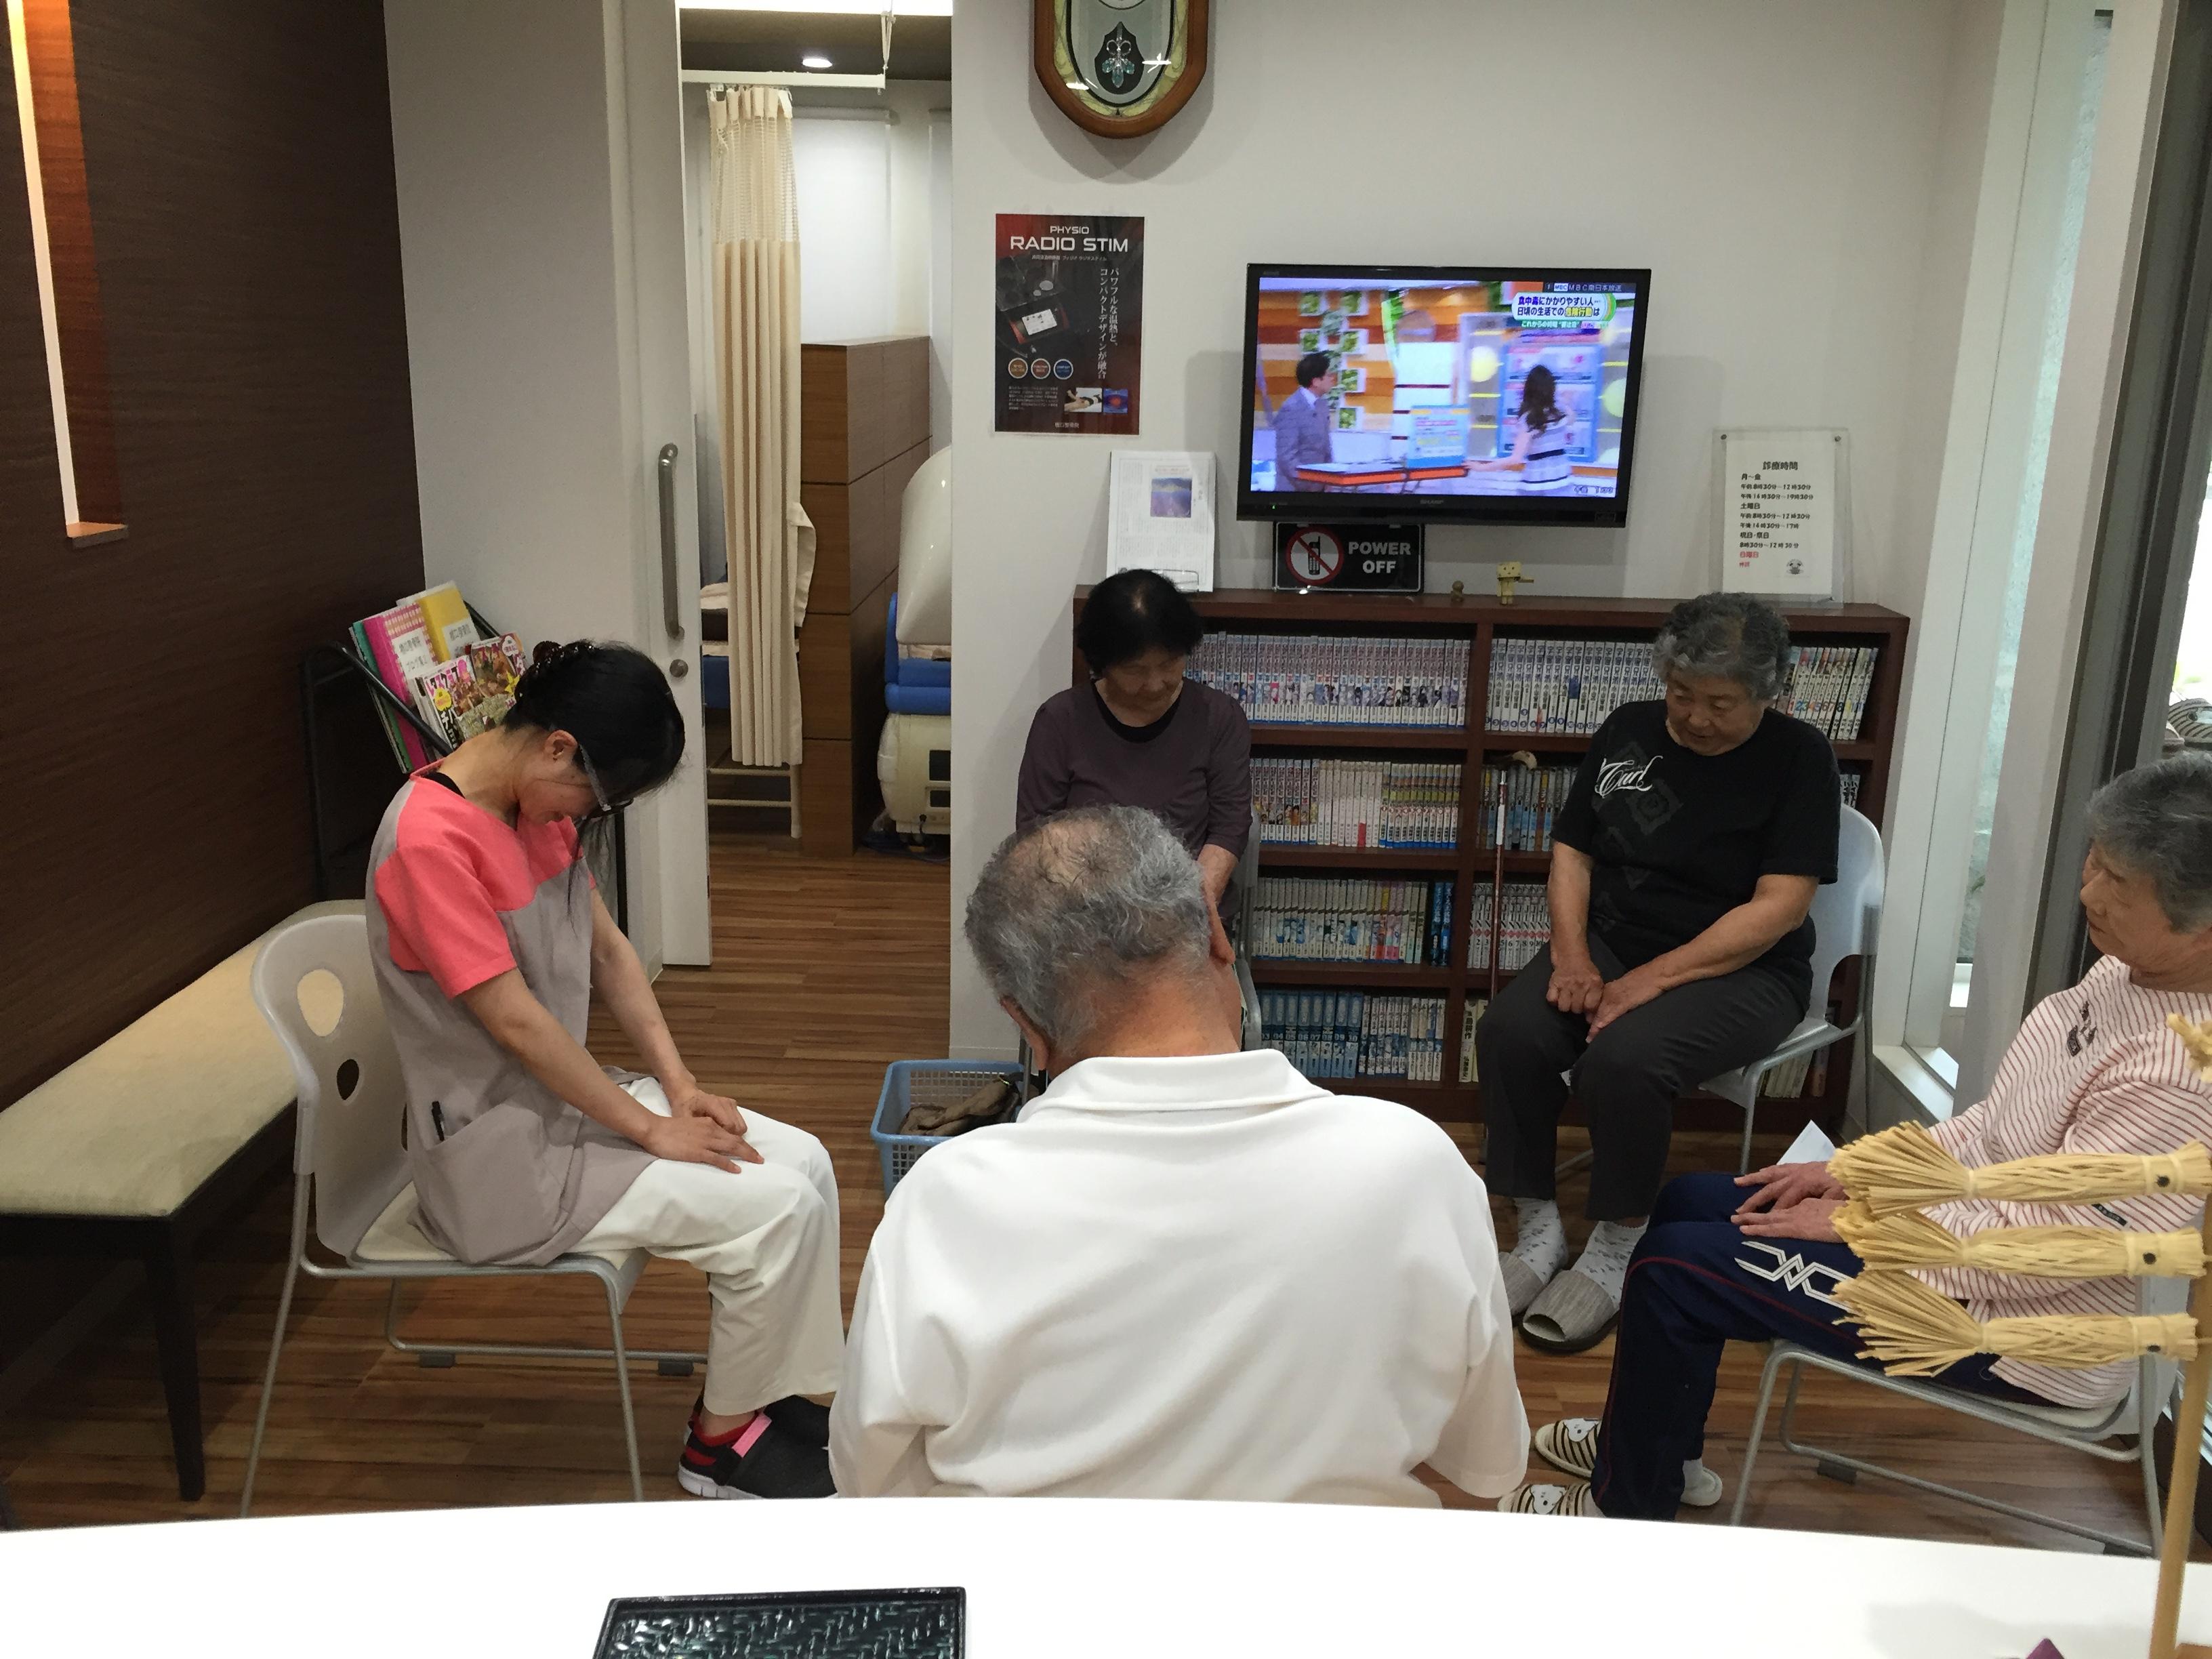 http://hashiguchi-seikotu.com/blog/about/%E3%82%AF%E3%83%AB%E3%82%AF%E3%83%AB28.6.JPG